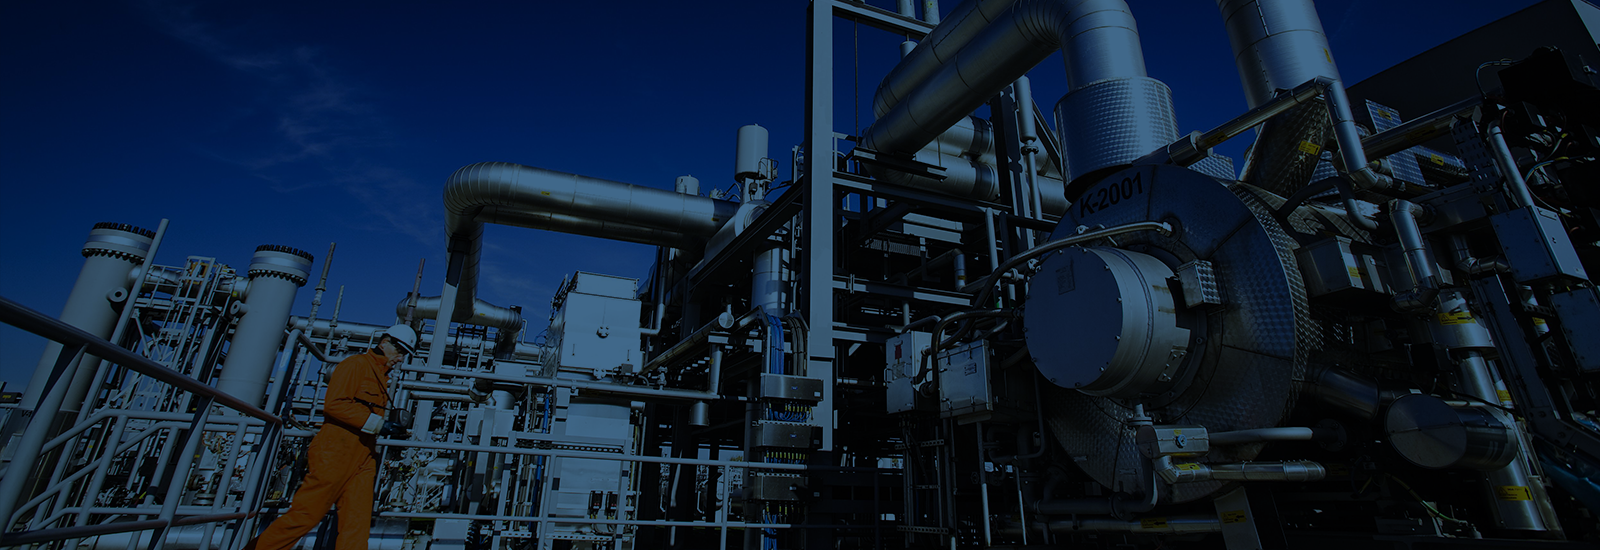 Enerji sektöründe güvenilir çözüm ortağınız.